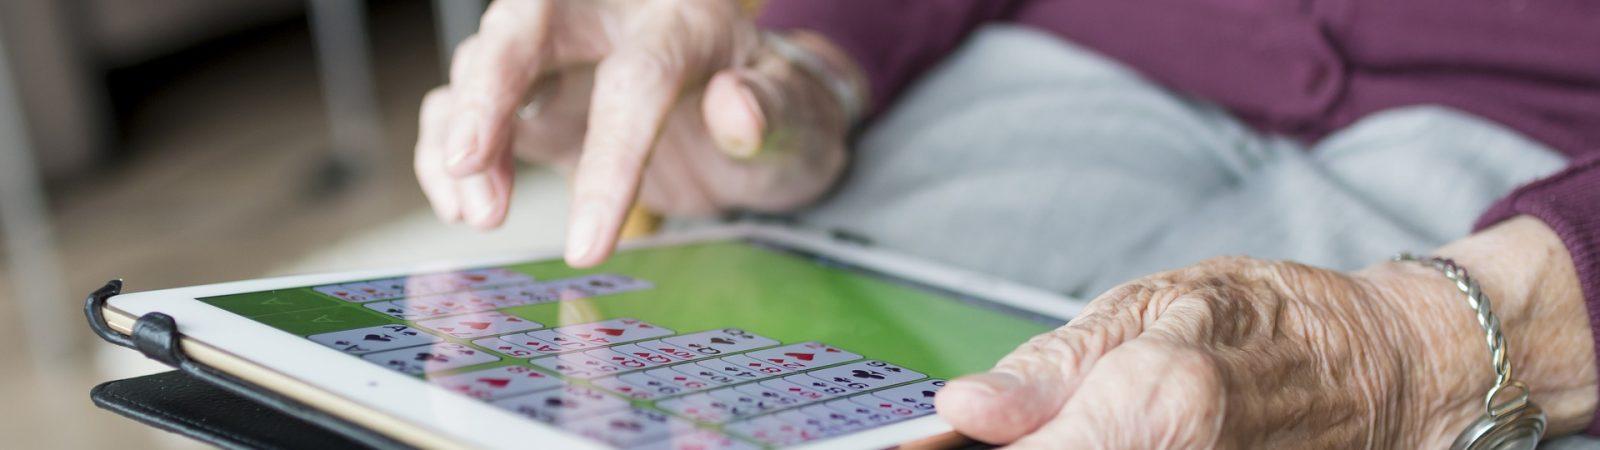 El proyecto de Discapacidad integrada recopilará información y ofrece ya una aplicación para trabajar con pacientes de Parkinson. Foto: Sabine Van Erp